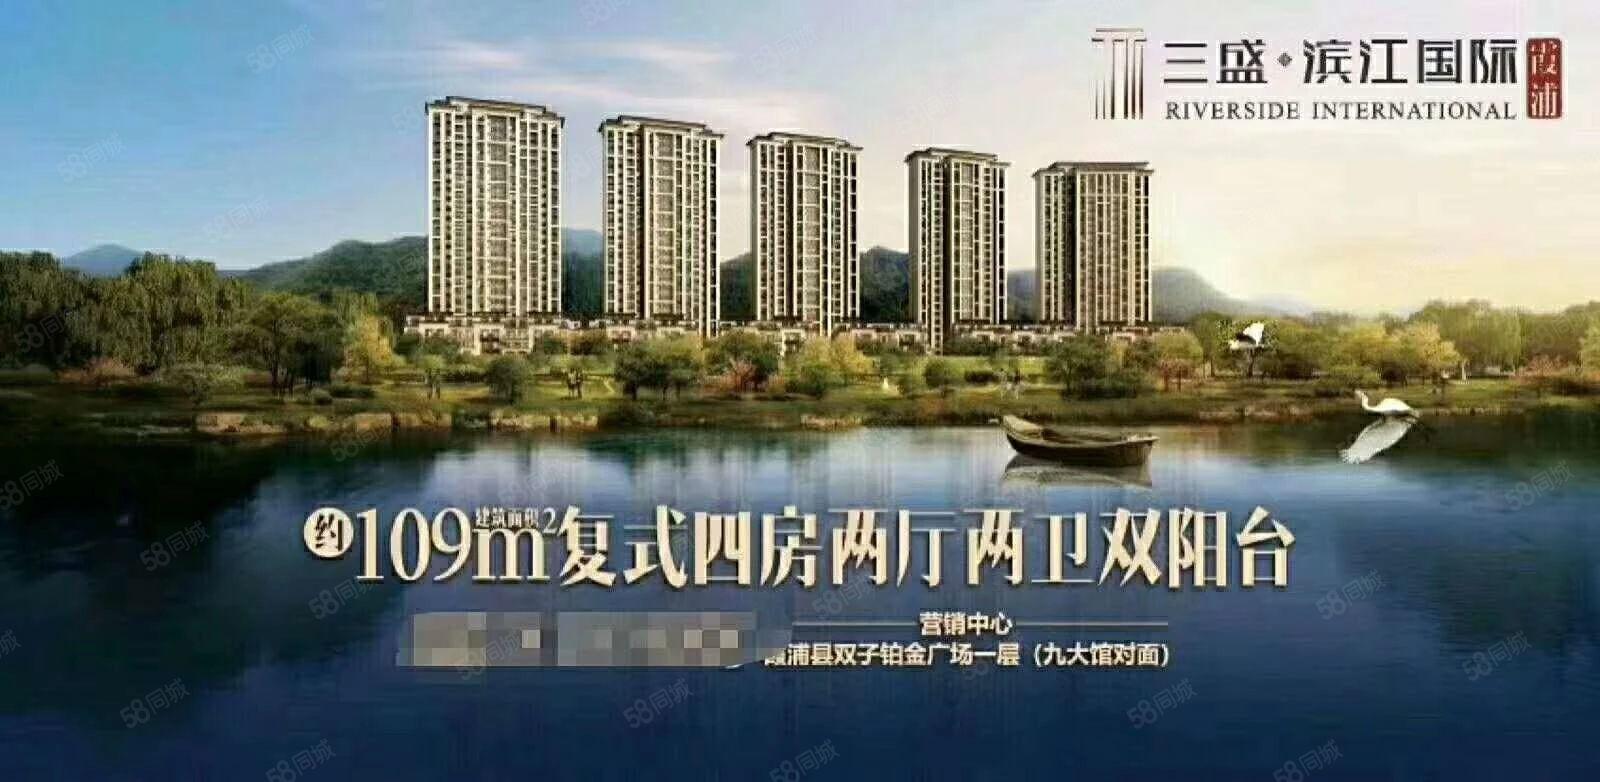 三盛滨江国际一手楼盘